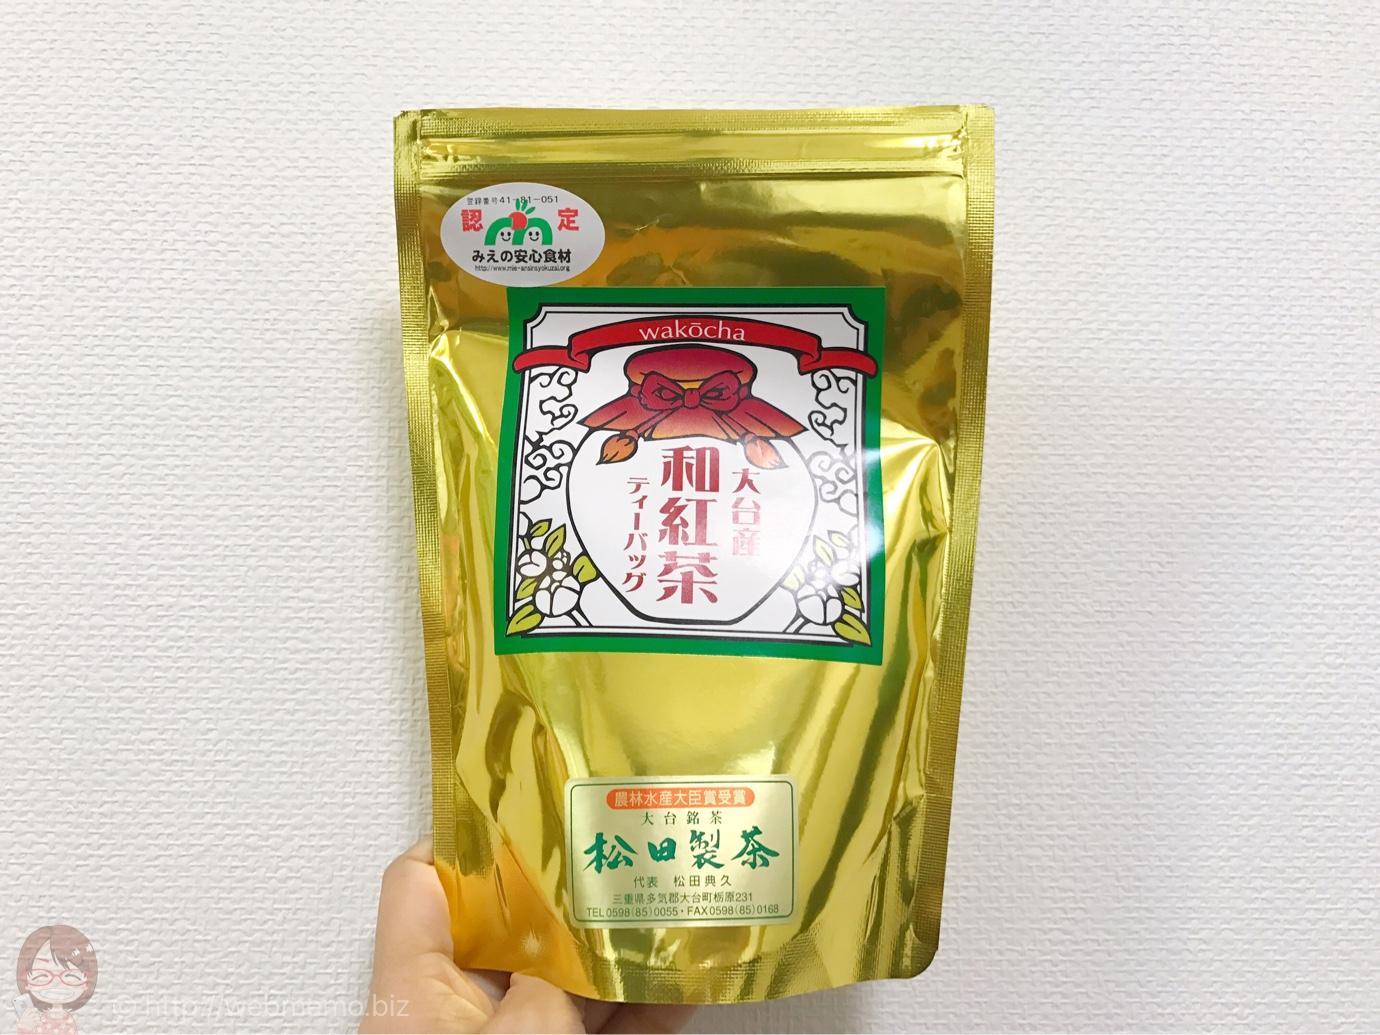 三重県大台町でお土産に買った「和紅茶」にハマる!苦味のないお初の味が新鮮